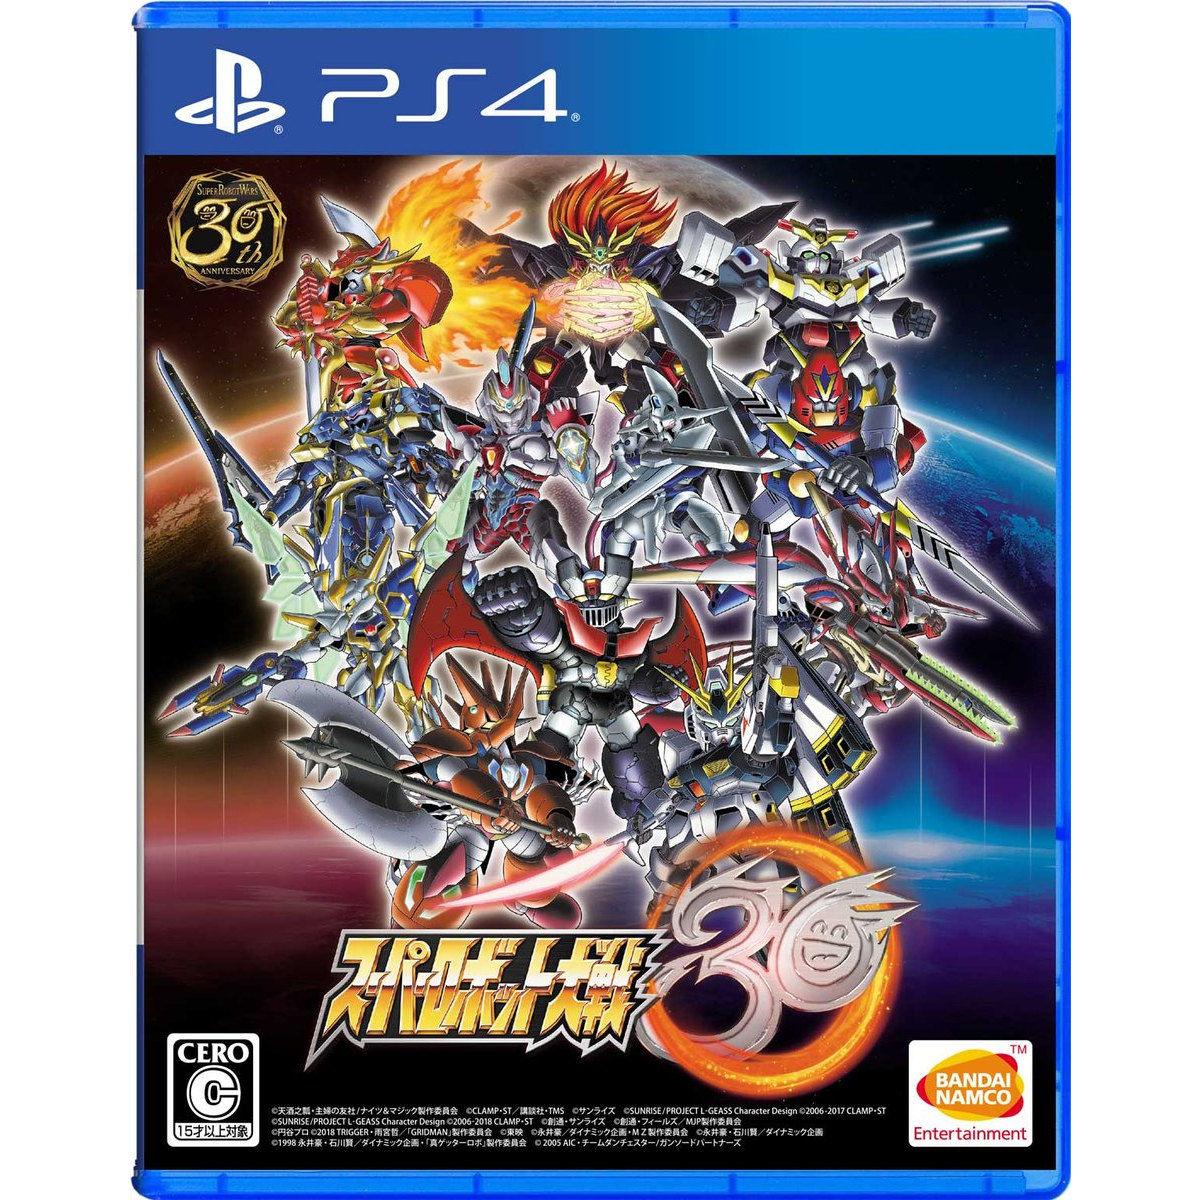 【限定販売】PlayStation4『スーパーロボット大戦30 超限定版』ゲームソフト-001